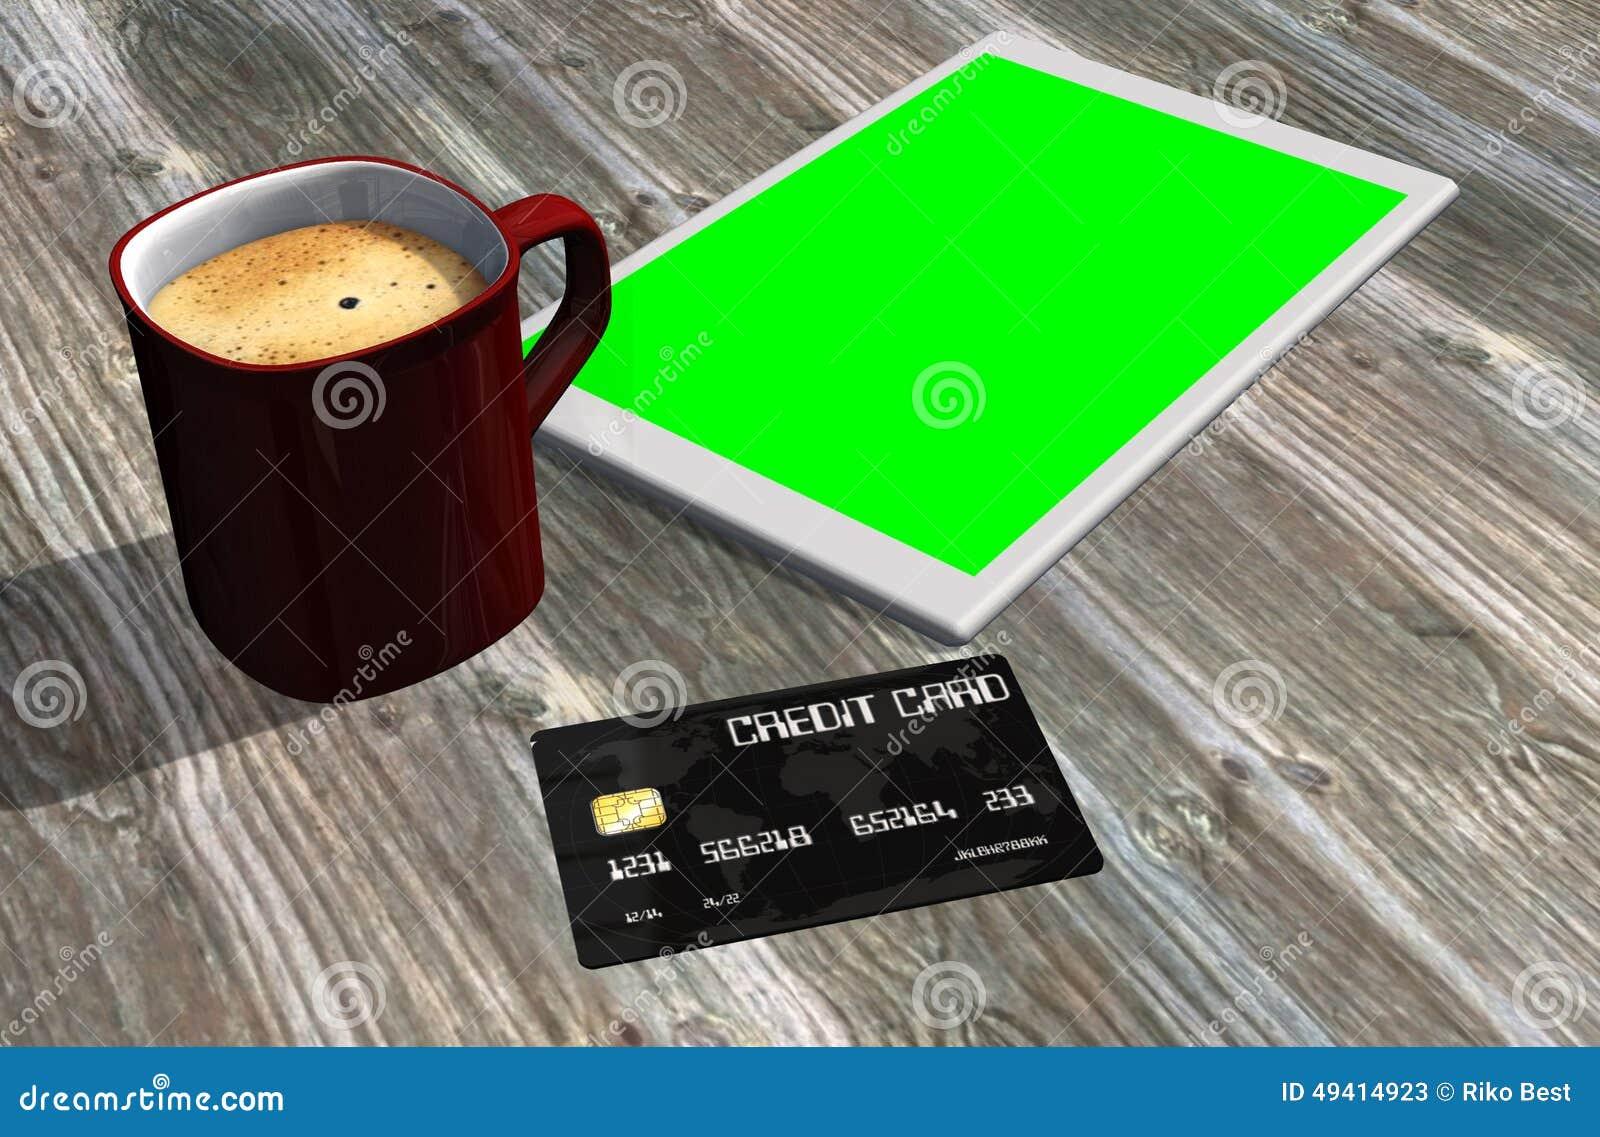 Download Grüne Schirmtablet-pc-Kreditkarte Und -Tasse Kaffee Stock Abbildung - Illustration von geld, plastik: 49414923